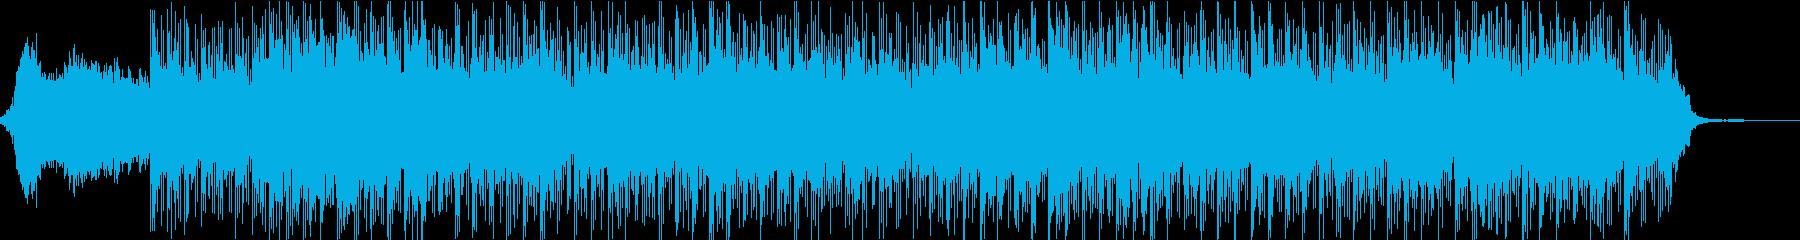 爽やかなブレイクビーツ 癒しの周波数の再生済みの波形